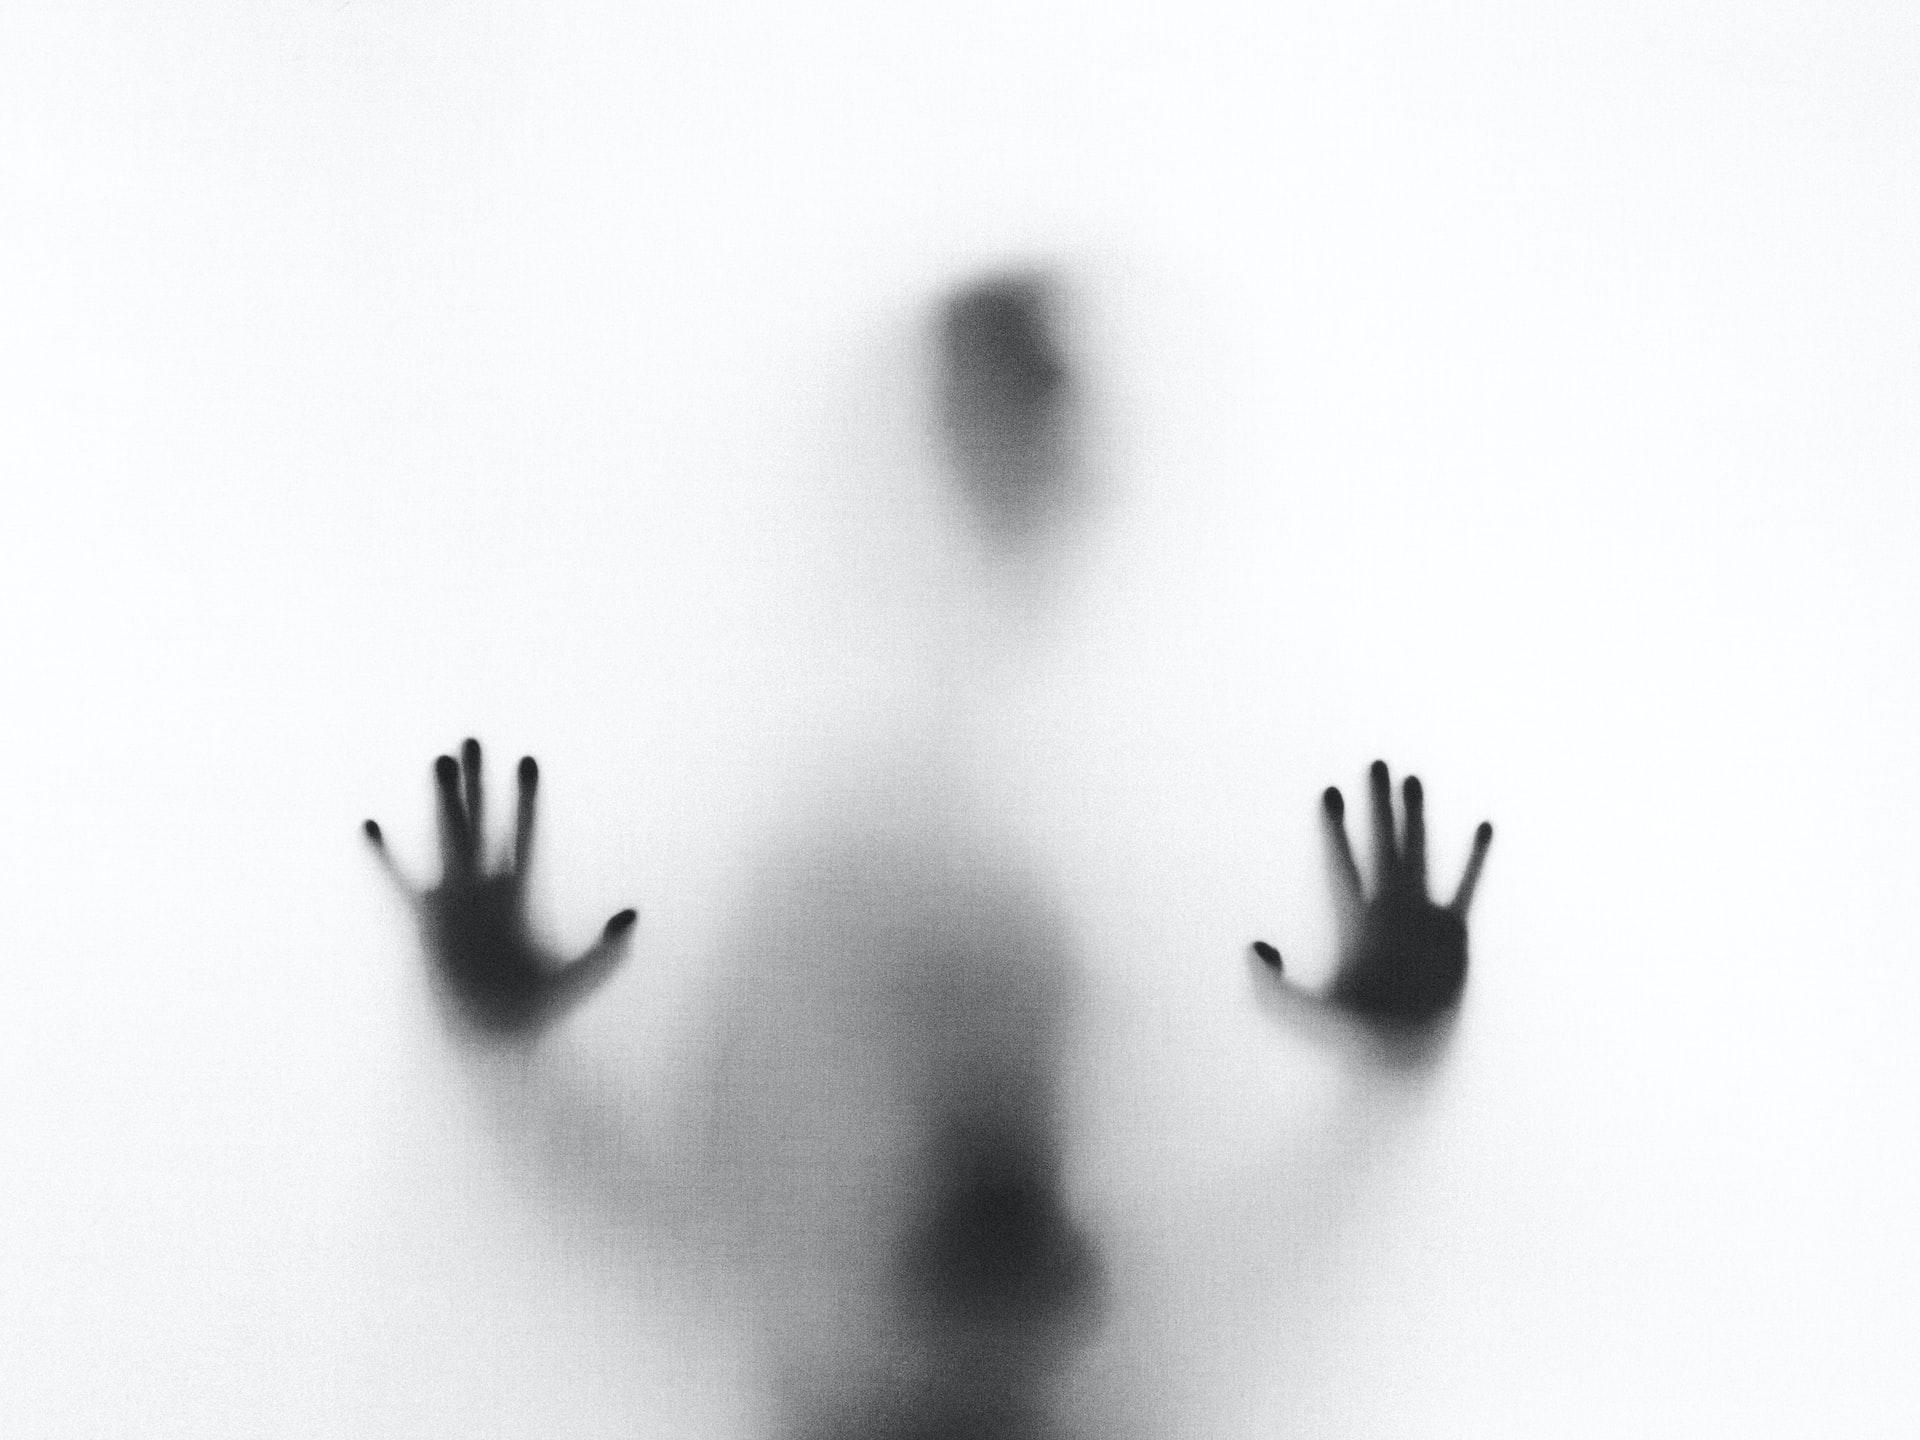 逃げたい人の画像